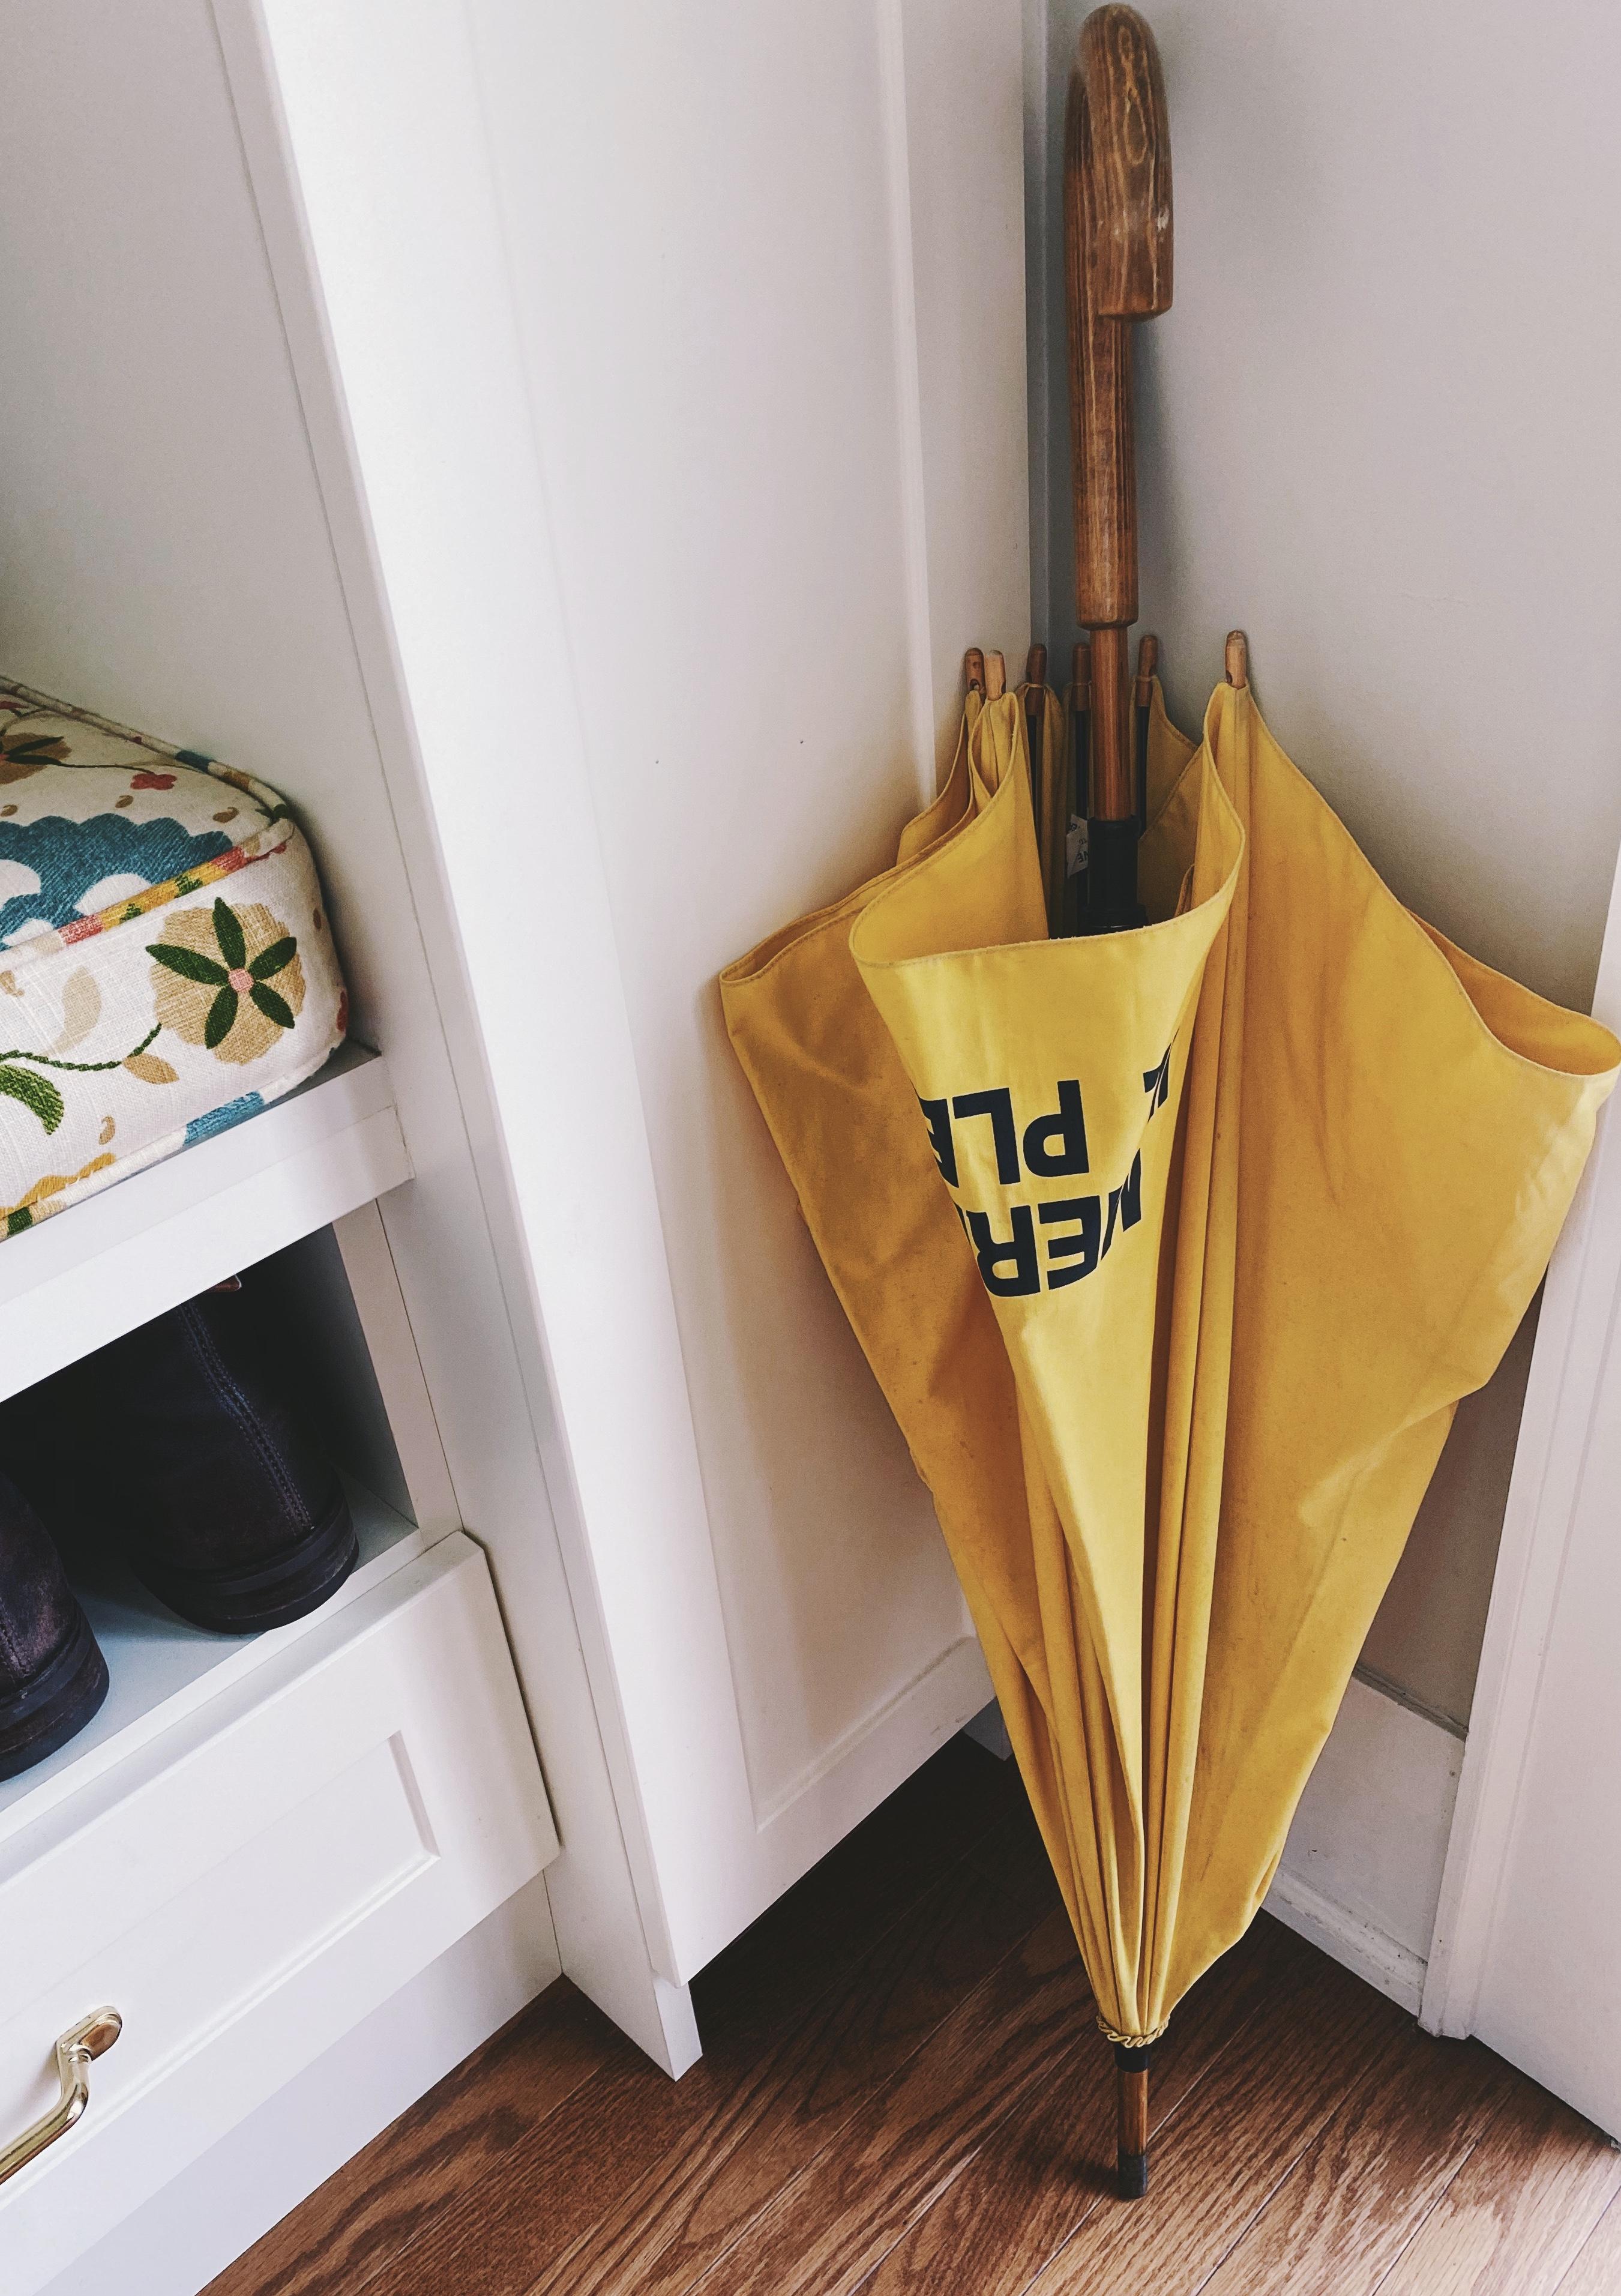 Merde Il Pleut Long Wood Frame Umbrella